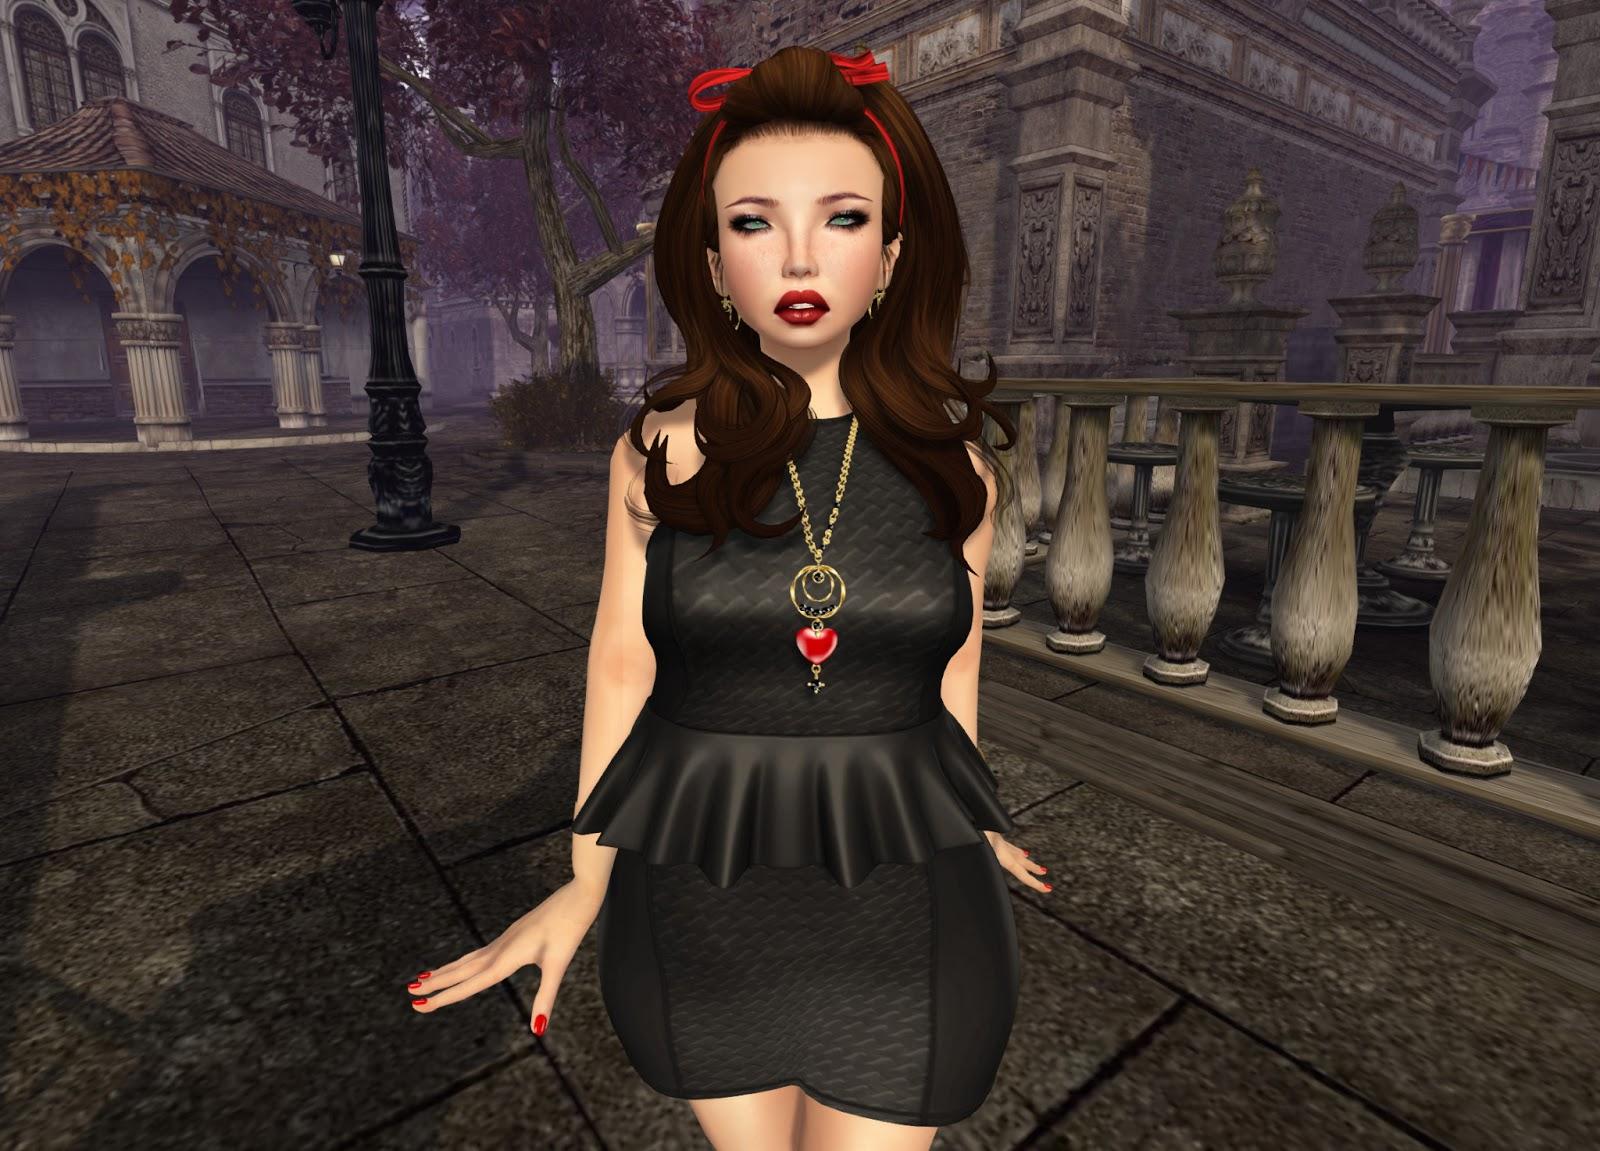 cinderella fashionista: uptown girl